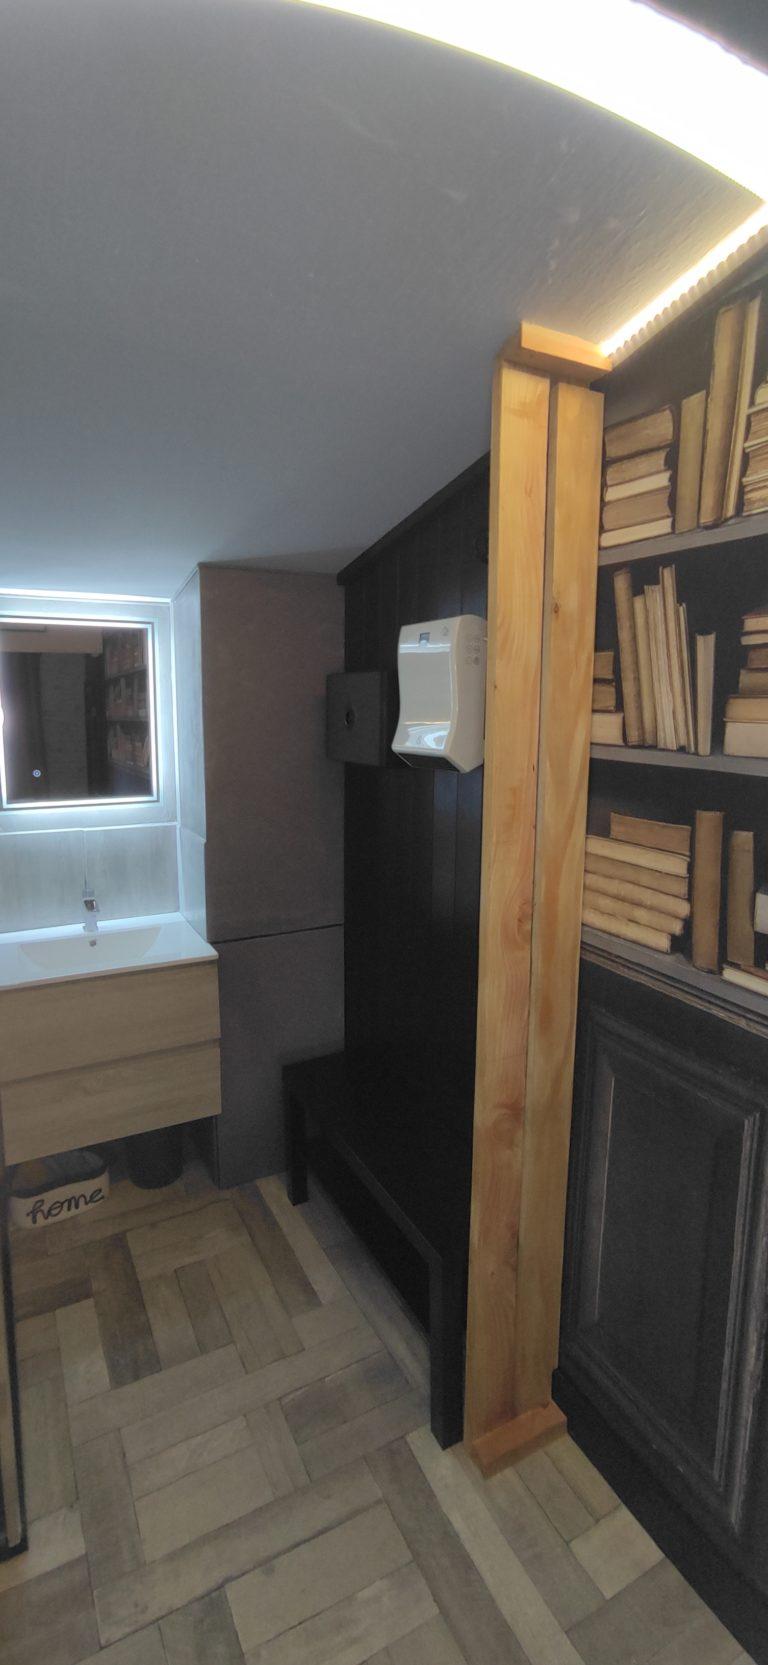 lavabo et miroir rétro-éclairé